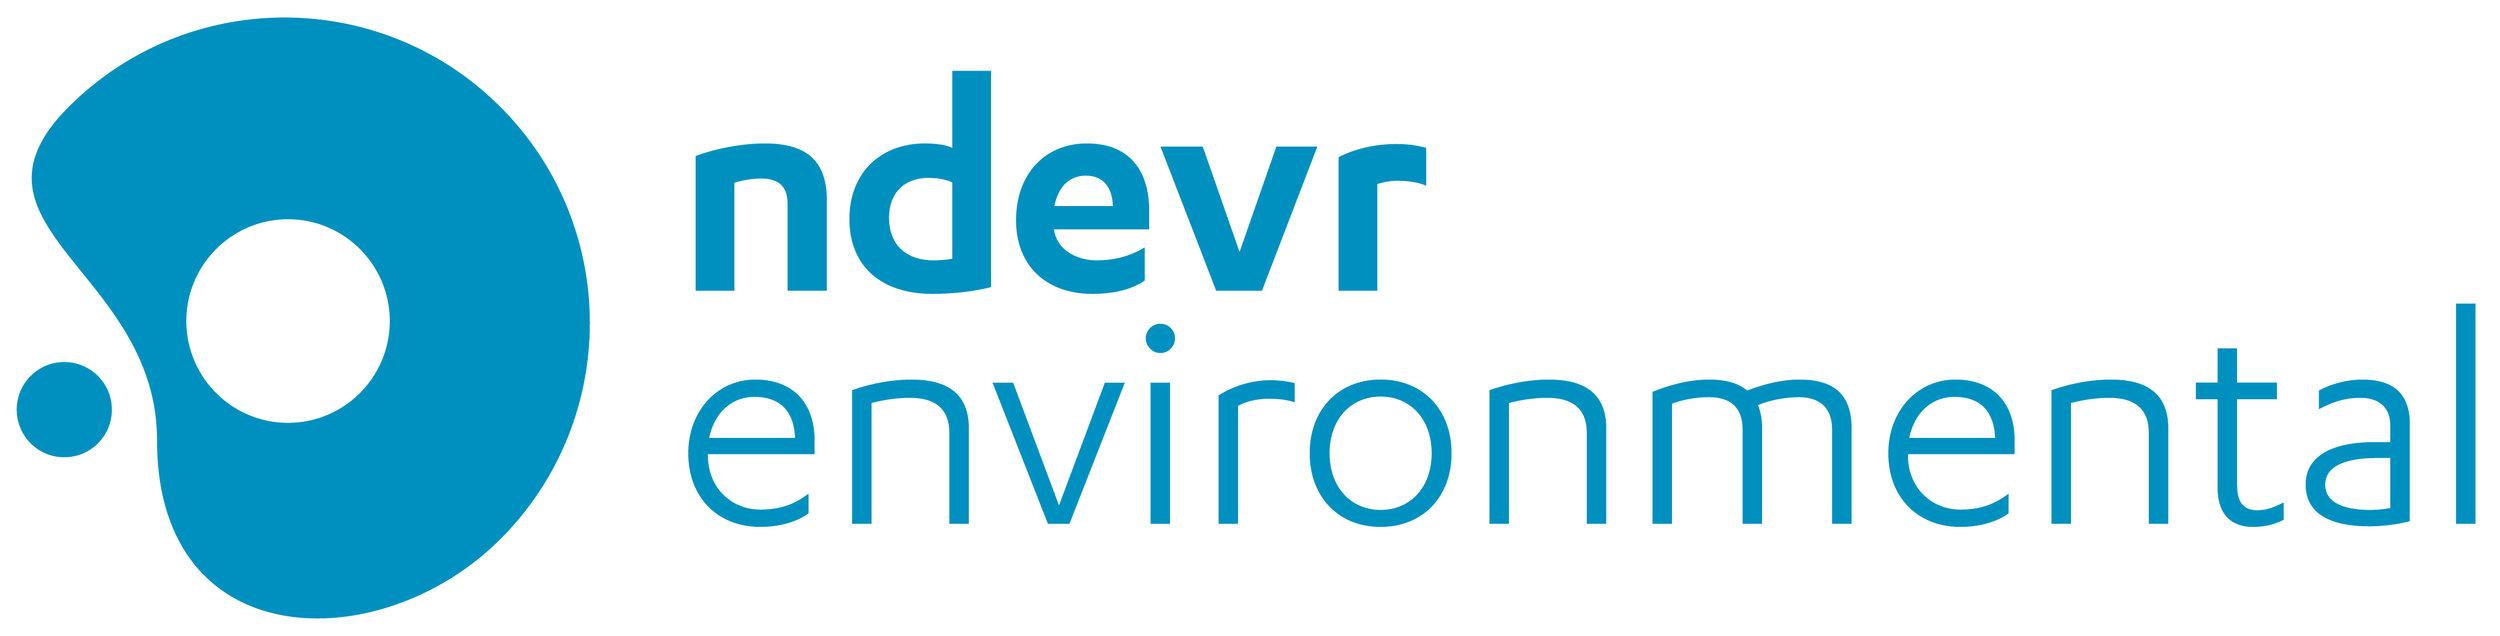 2059_NDEV_BRA_Logo_Colour.jpg